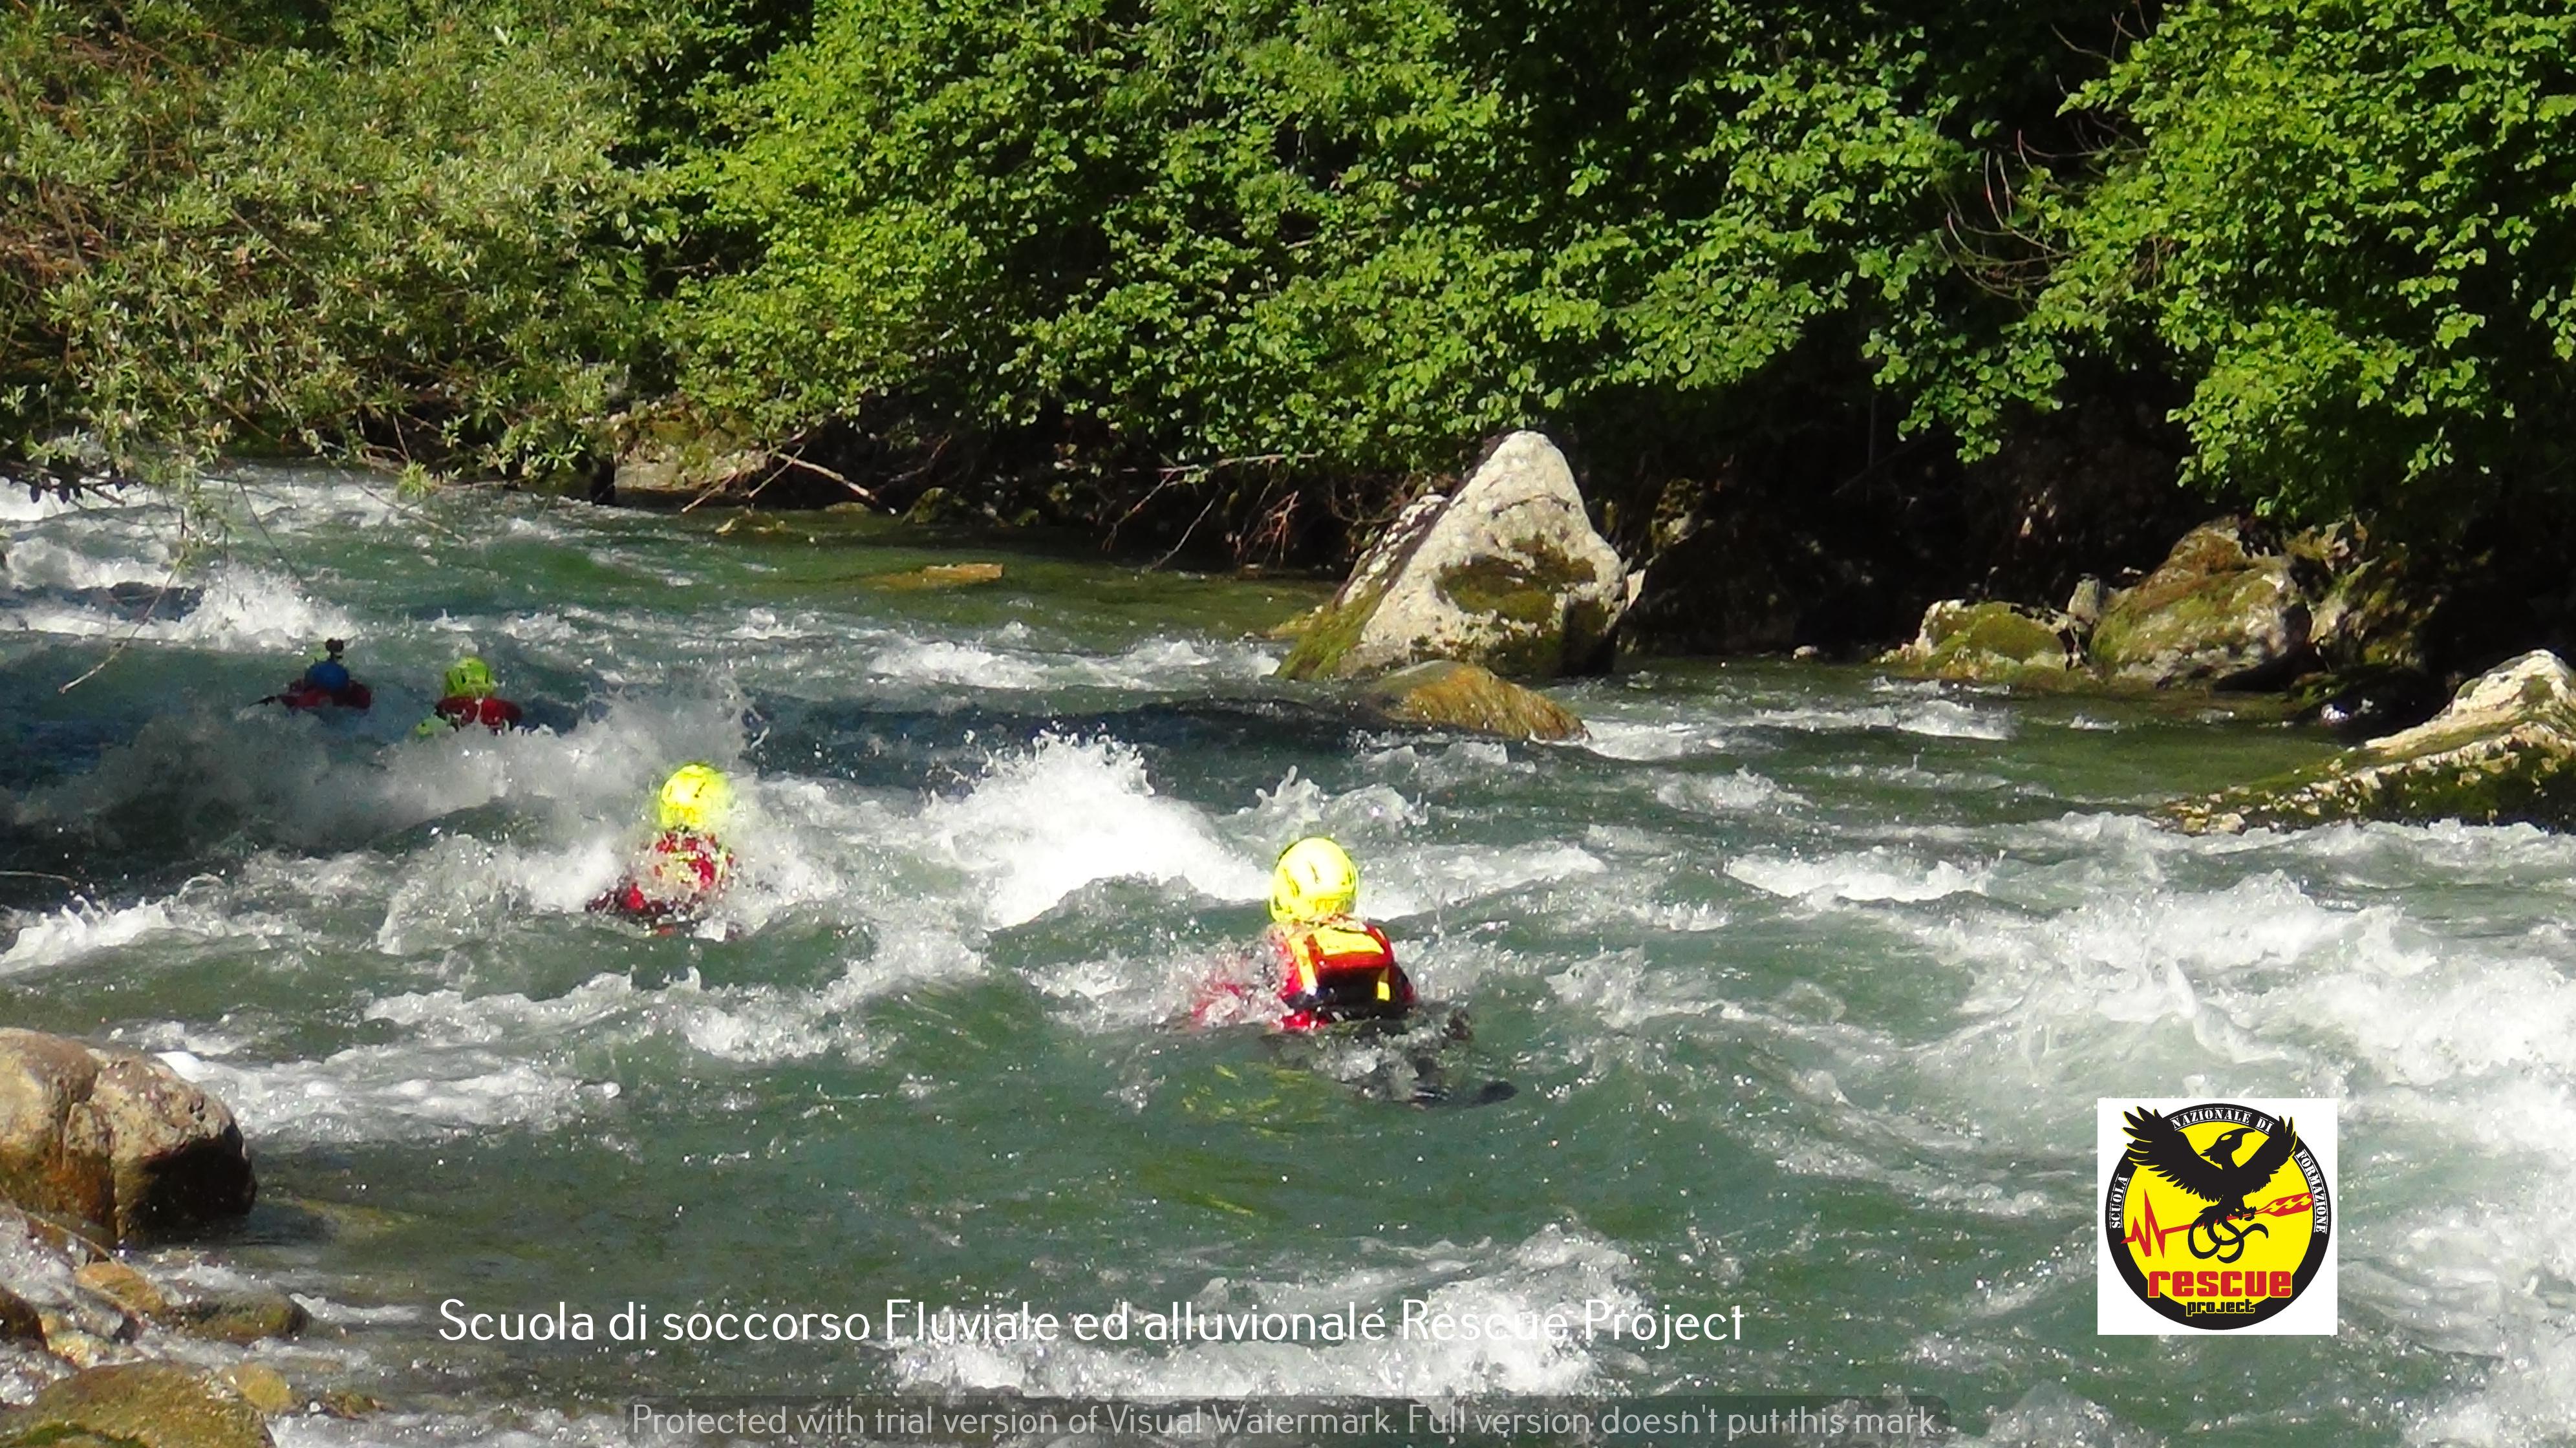 Trentino wild & Rescue Project